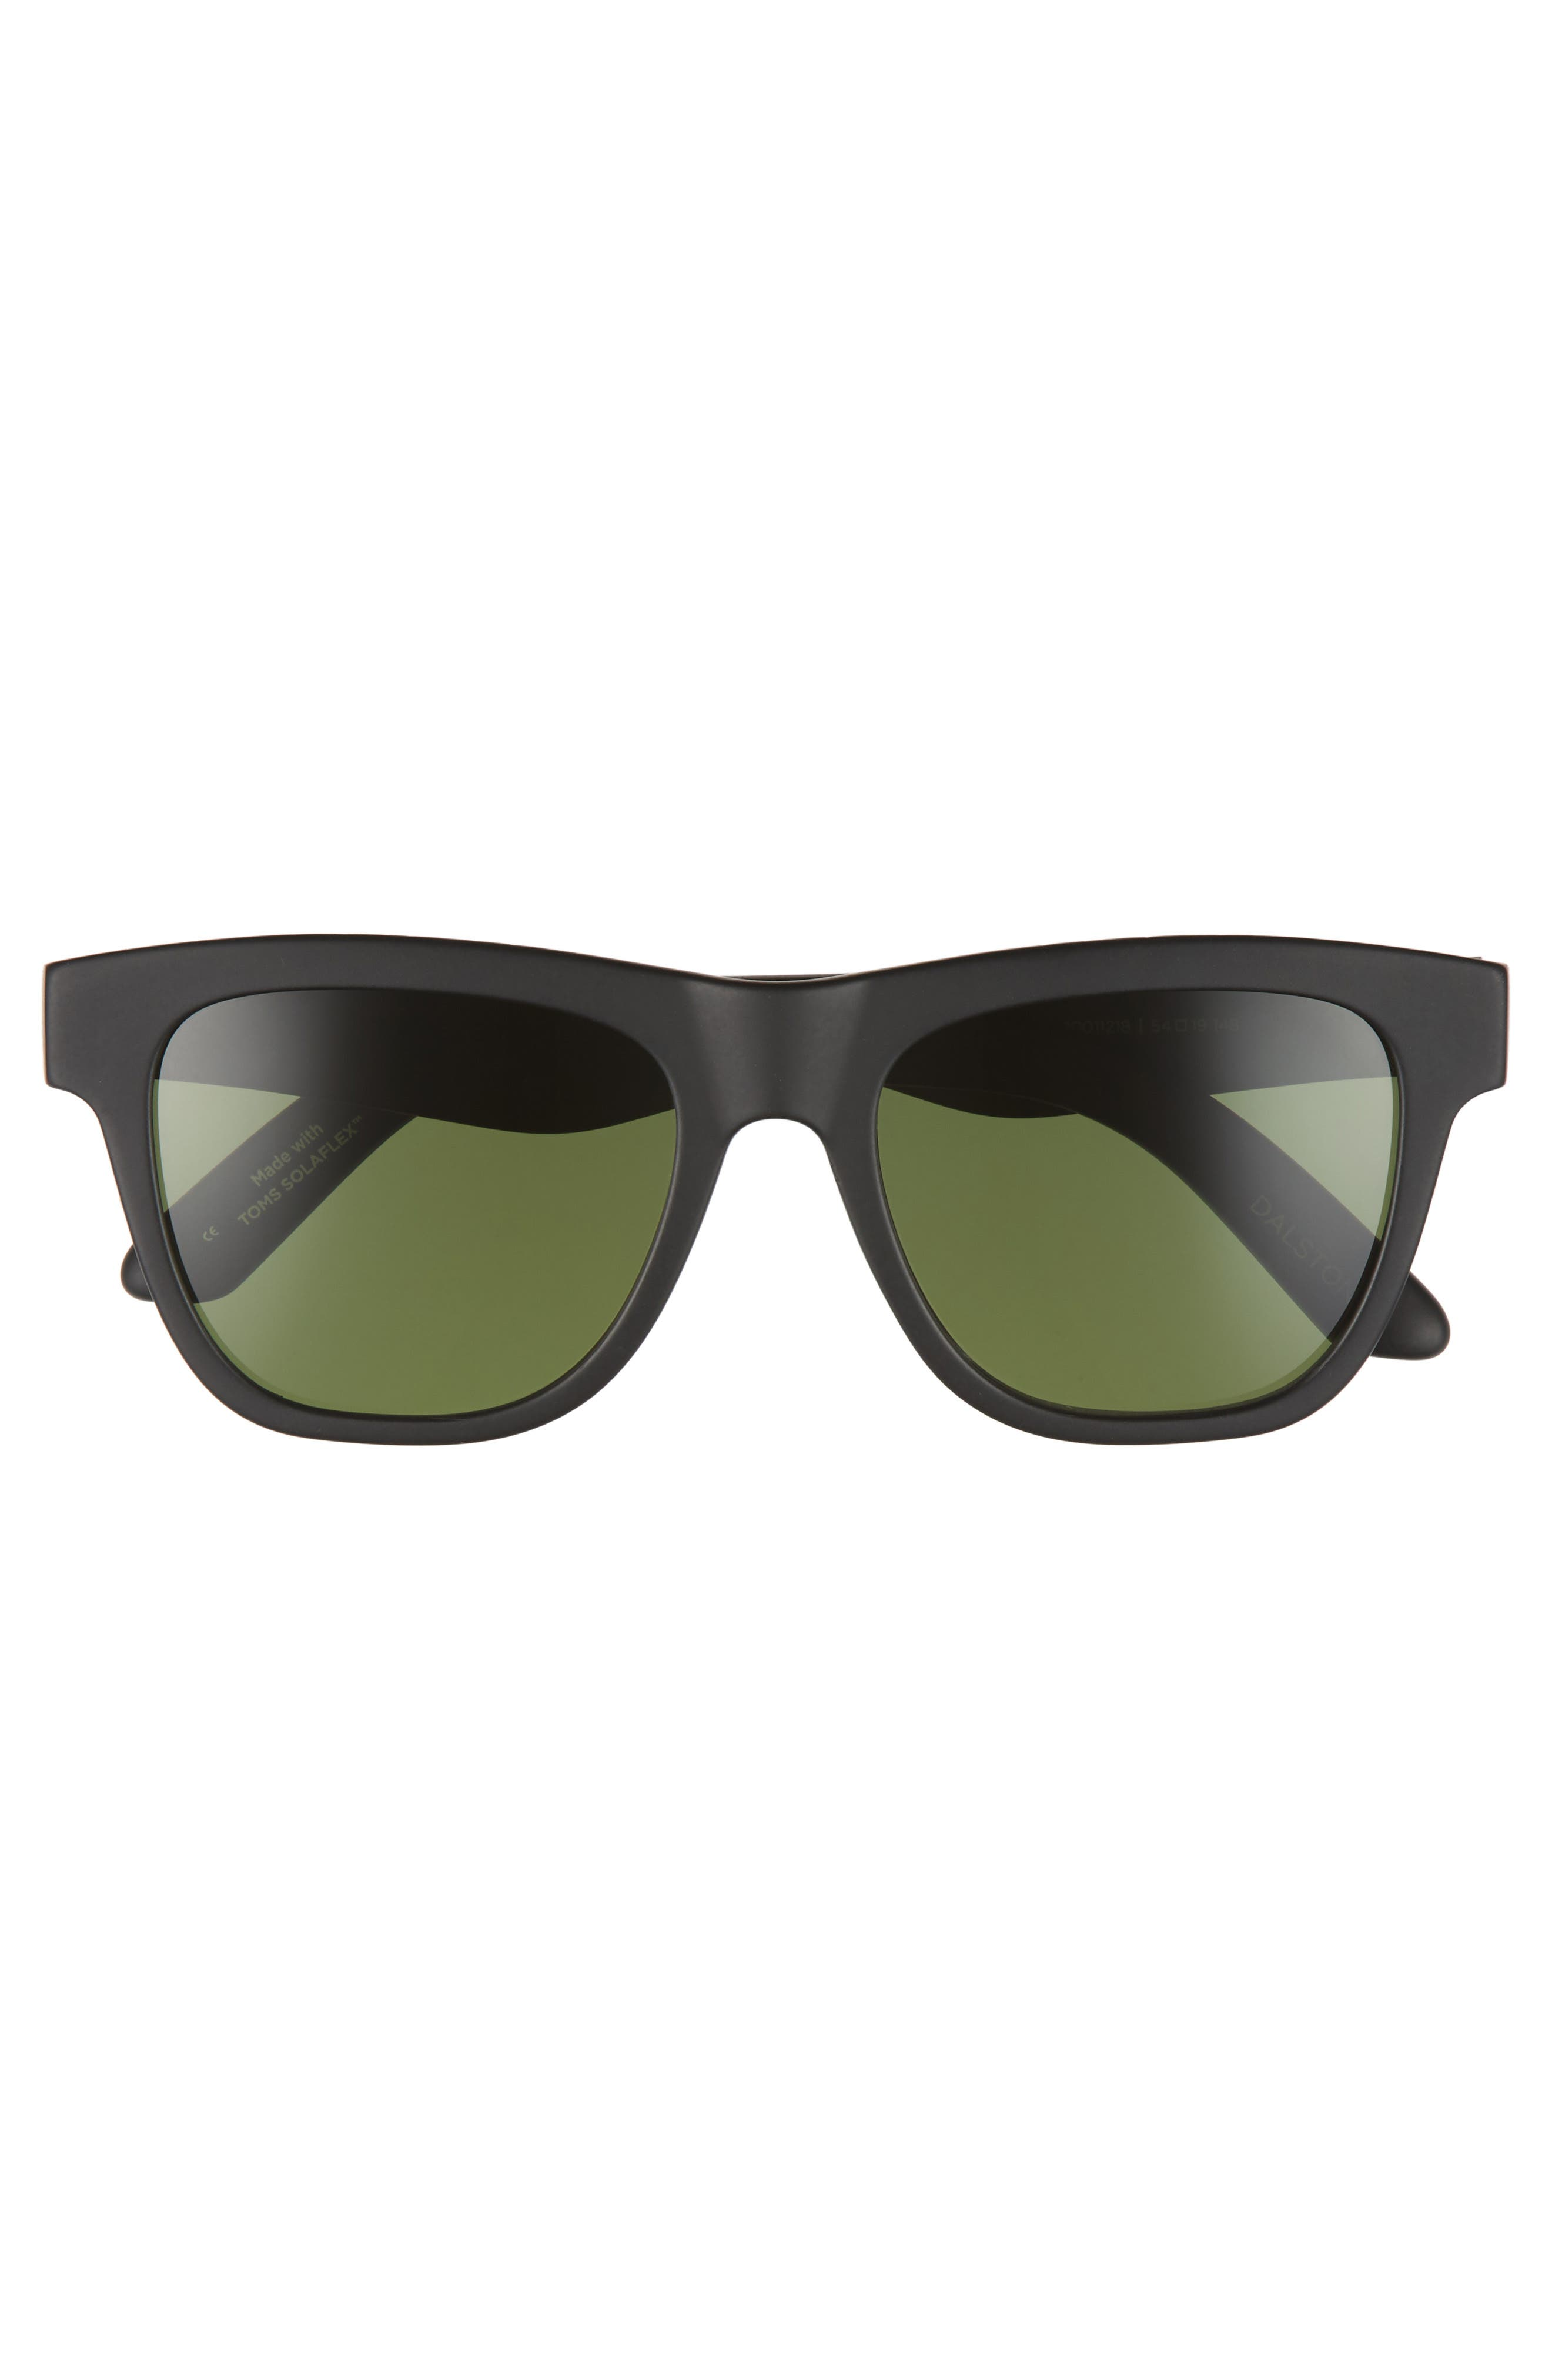 Dalston 54mm Polarized Sunglasses,                             Alternate thumbnail 2, color,                             MATTE BLACK POLAR